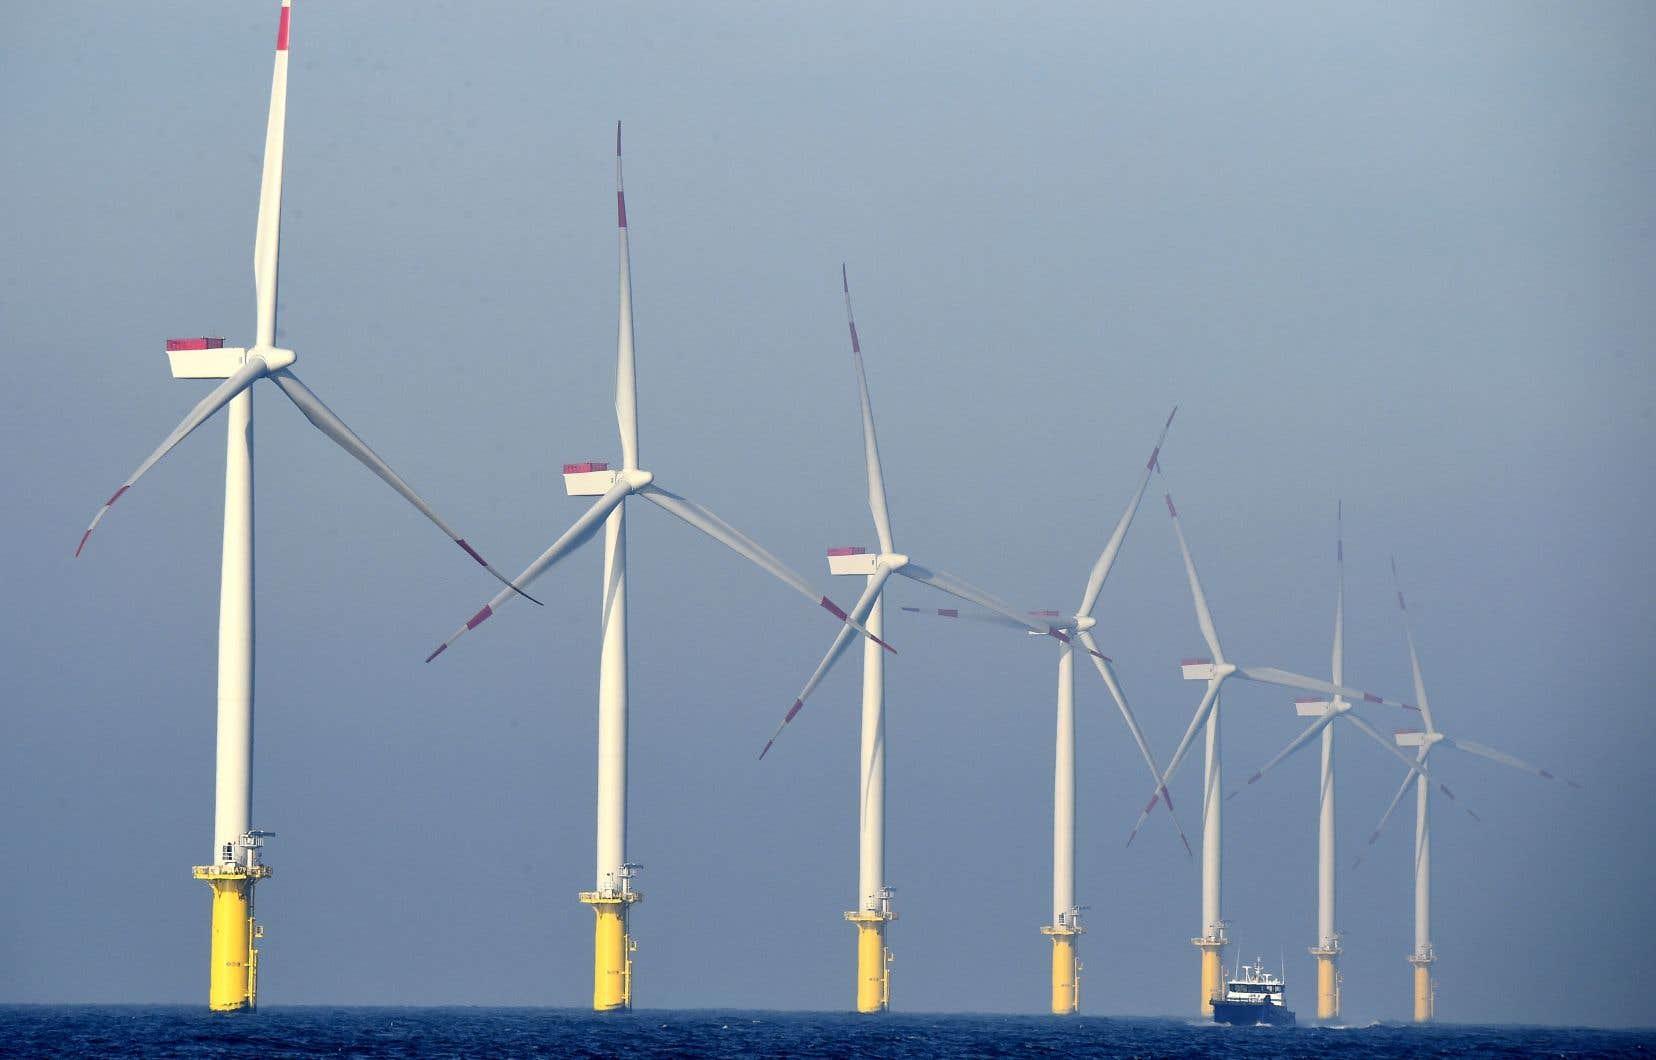 À l'heure actuelle, 80% de la capacité mondiale est située en Europe, mais l'AEI dénombre présentement 150 projets de parcs éoliens en mer dans 19 pays différents, notamment en Asie.